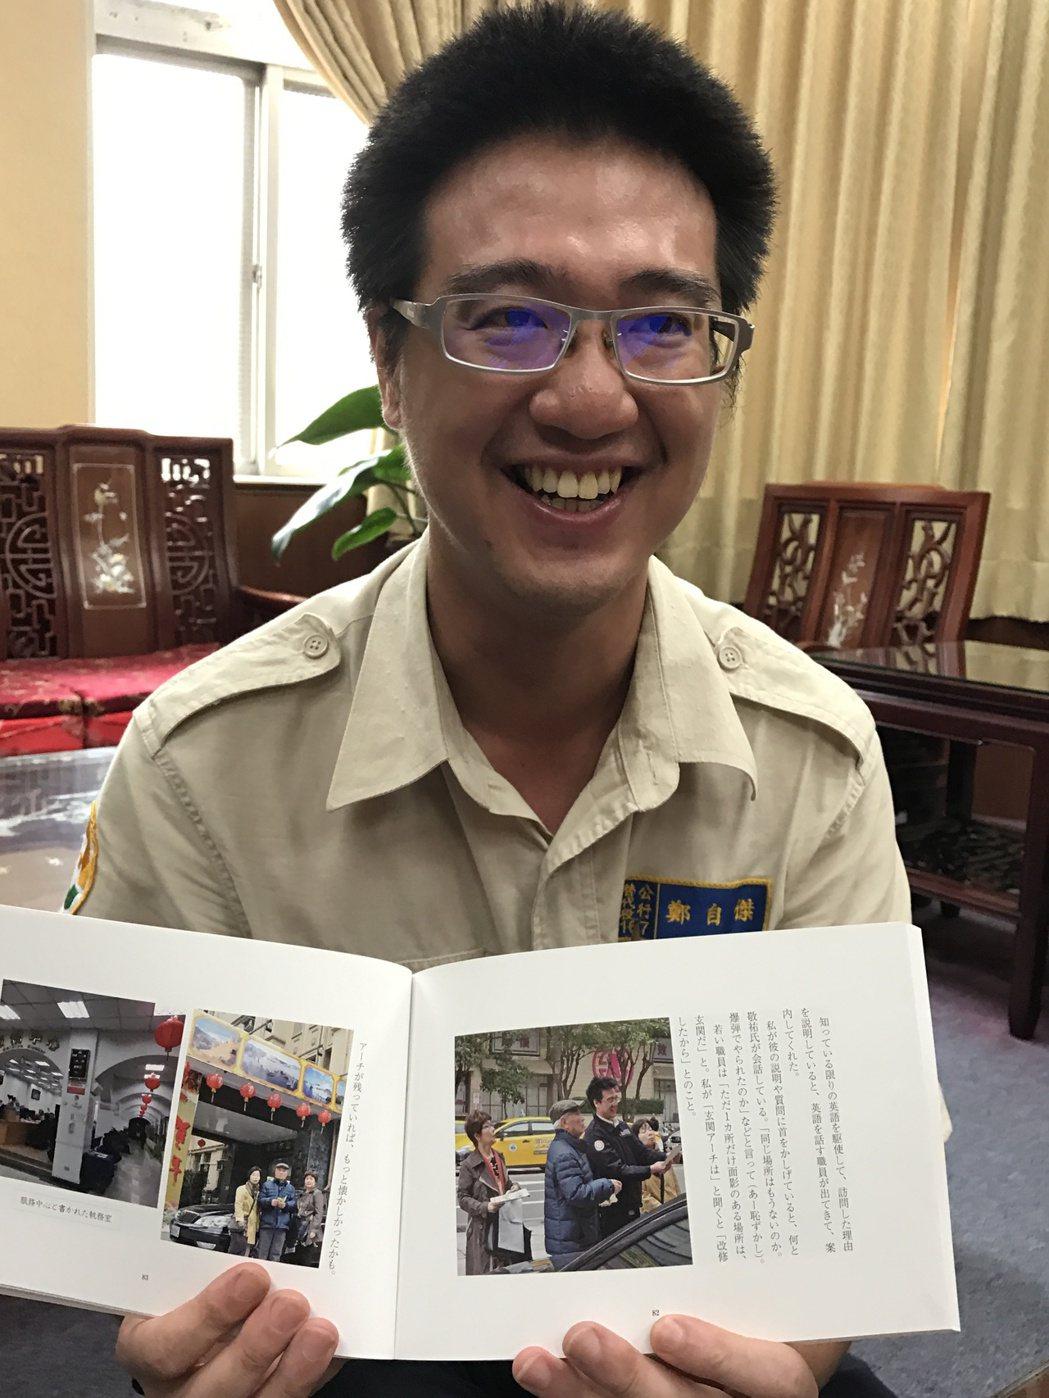 替代役鄭自傑也曾協助日本人,帶他們到基隆市政府四周逛逛,此經歷還被日本人寫進書裡...